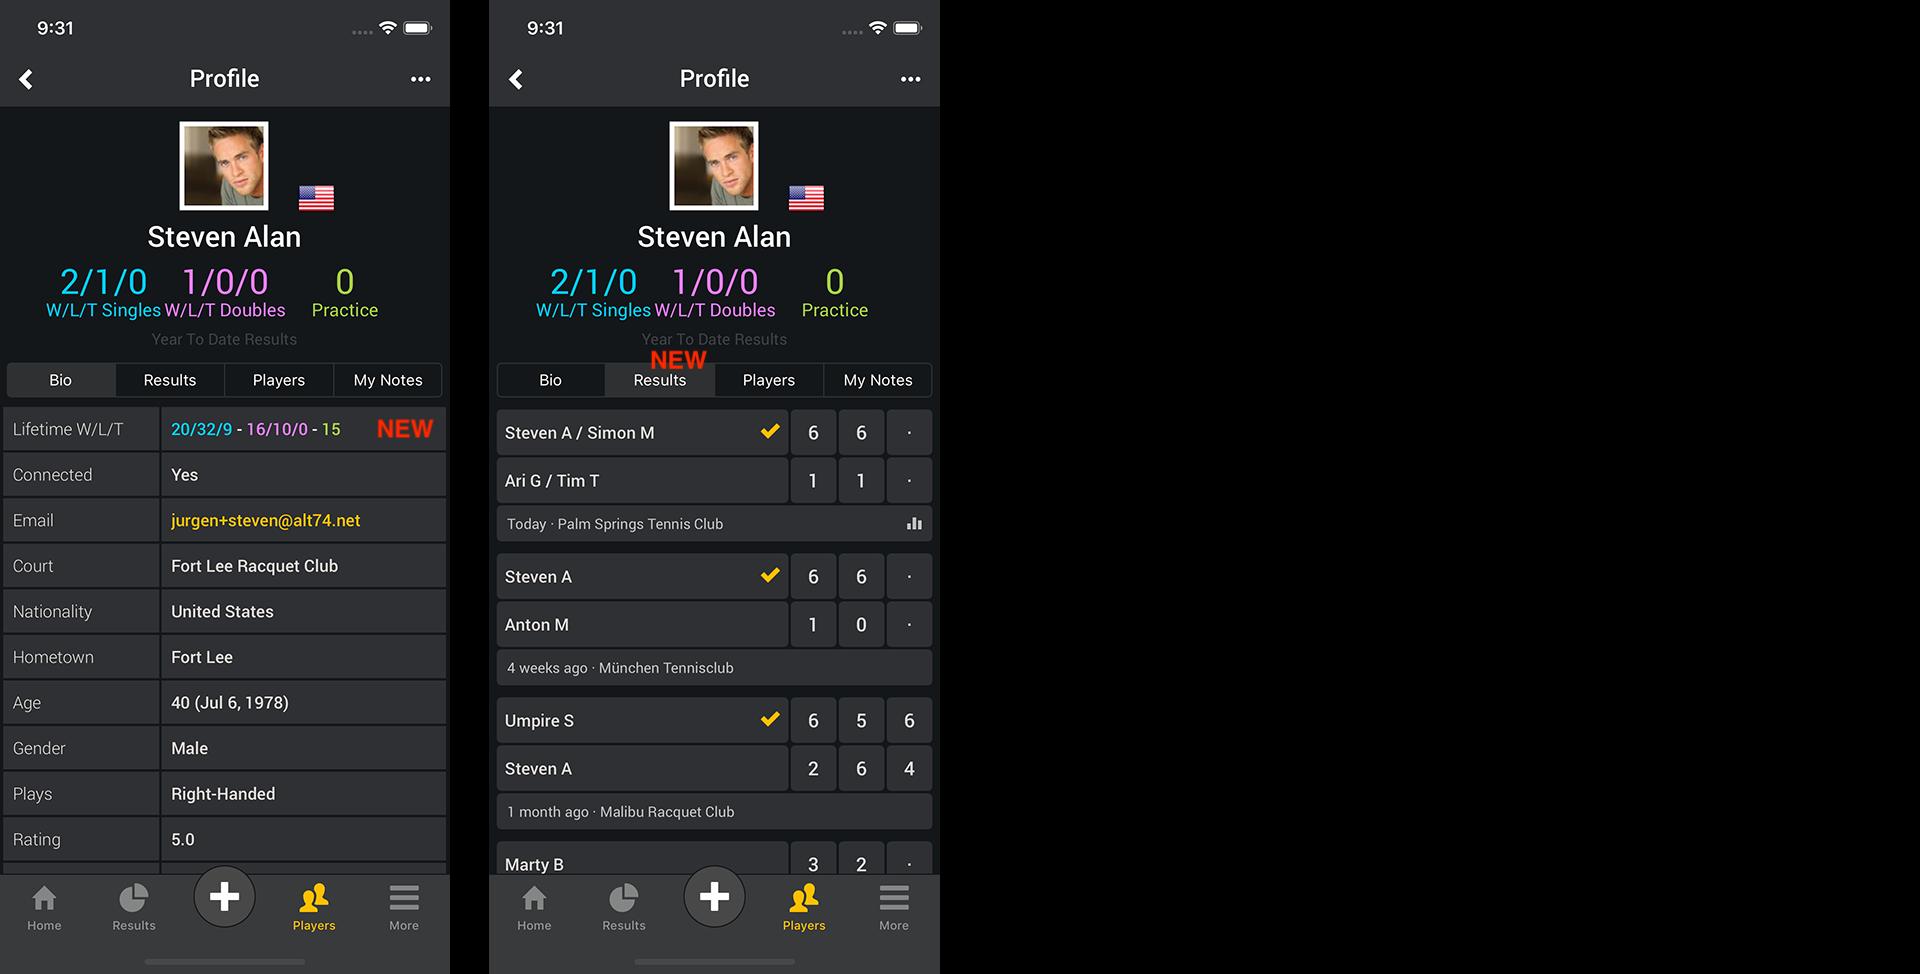 Smashpoint iOS App 2.2 Tour 4